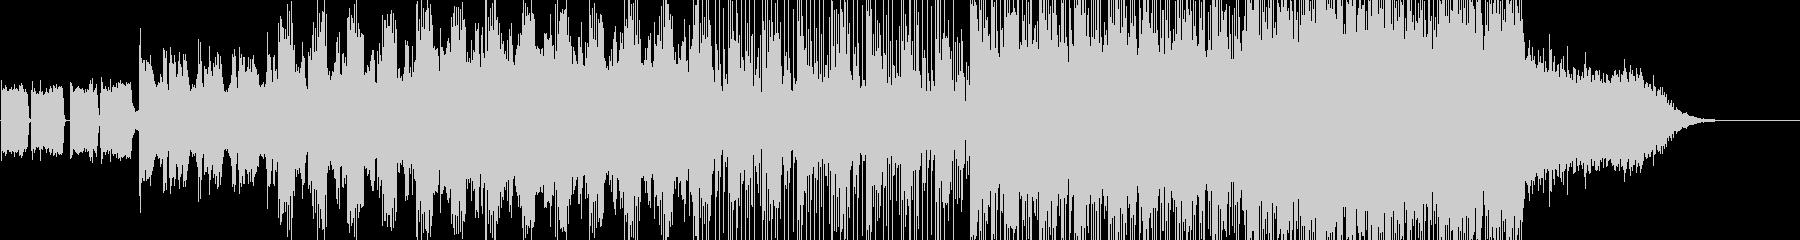 [劇伴] 緊迫サスペンス ギター&シンセの未再生の波形